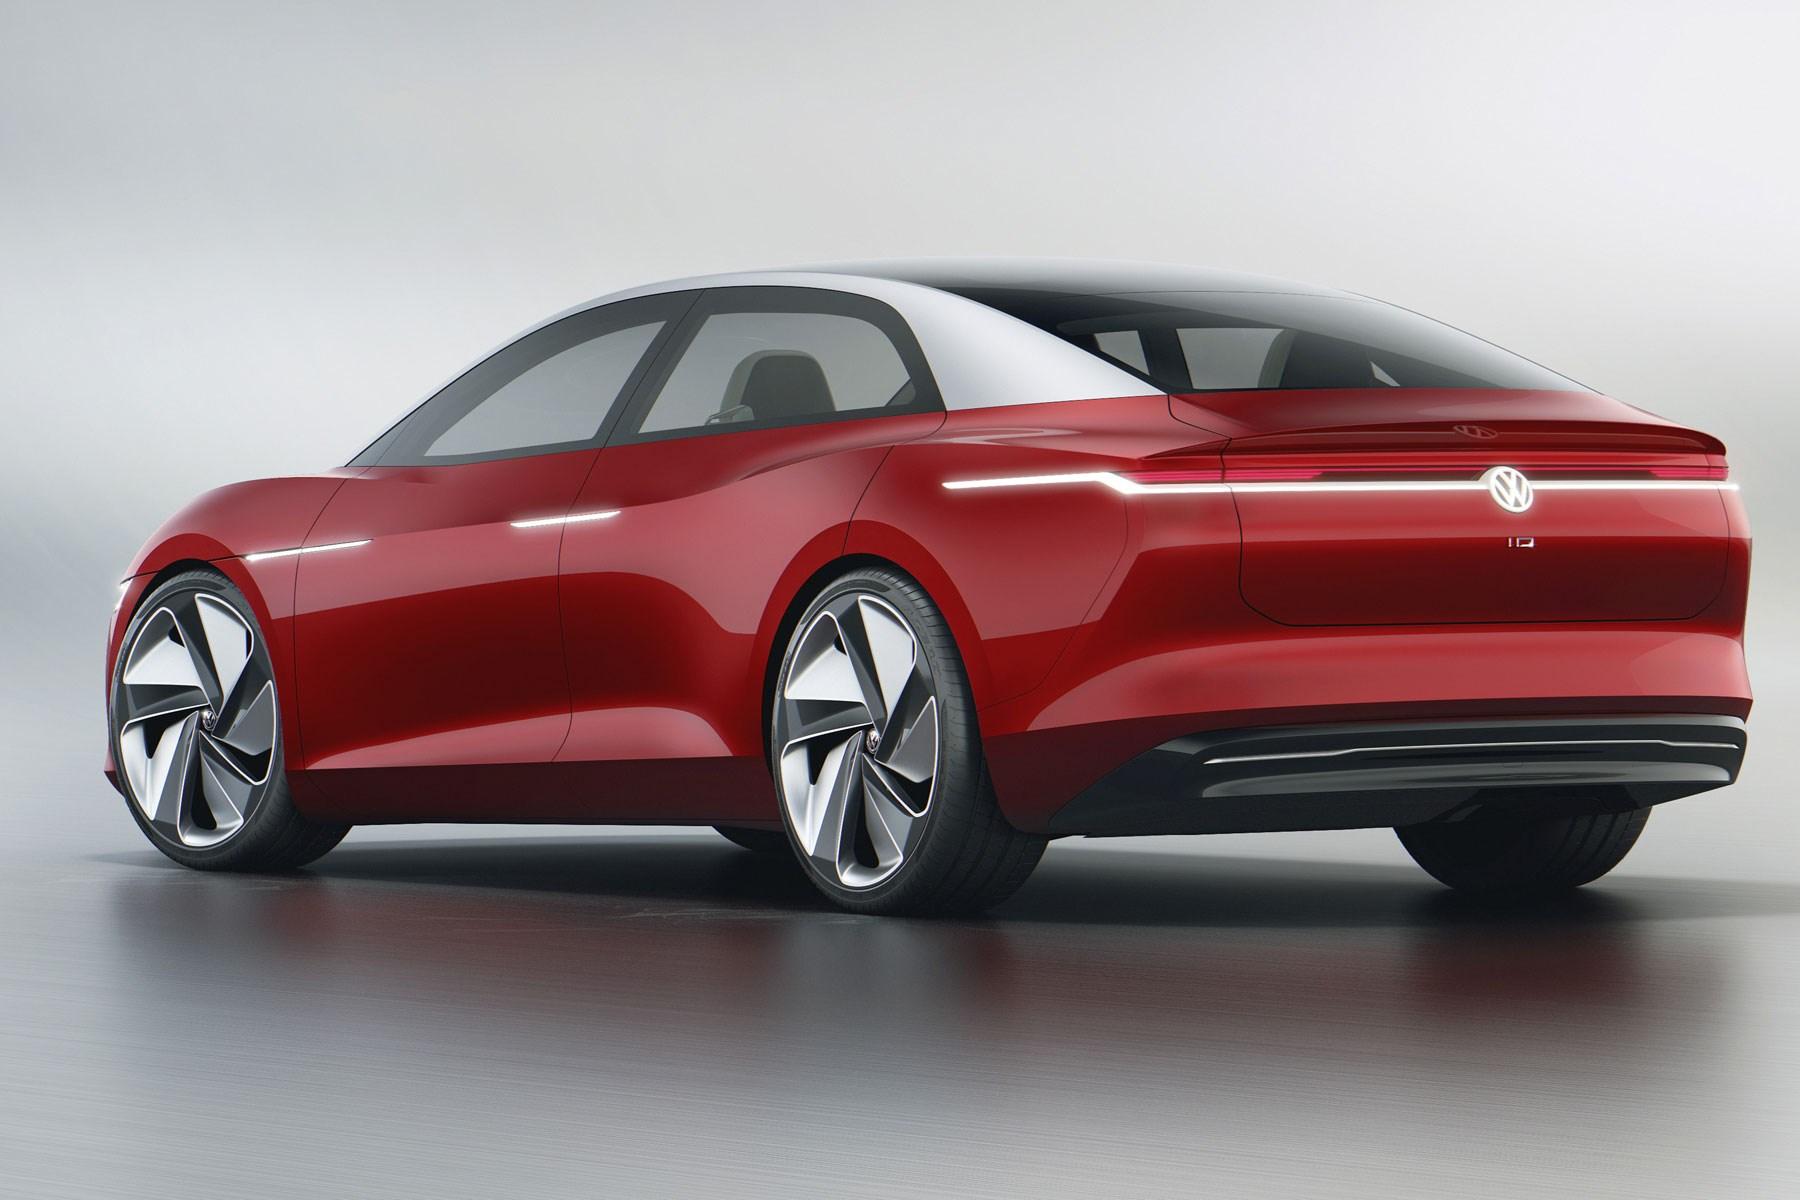 VW Vizzion spec info photos | CAR Magazine